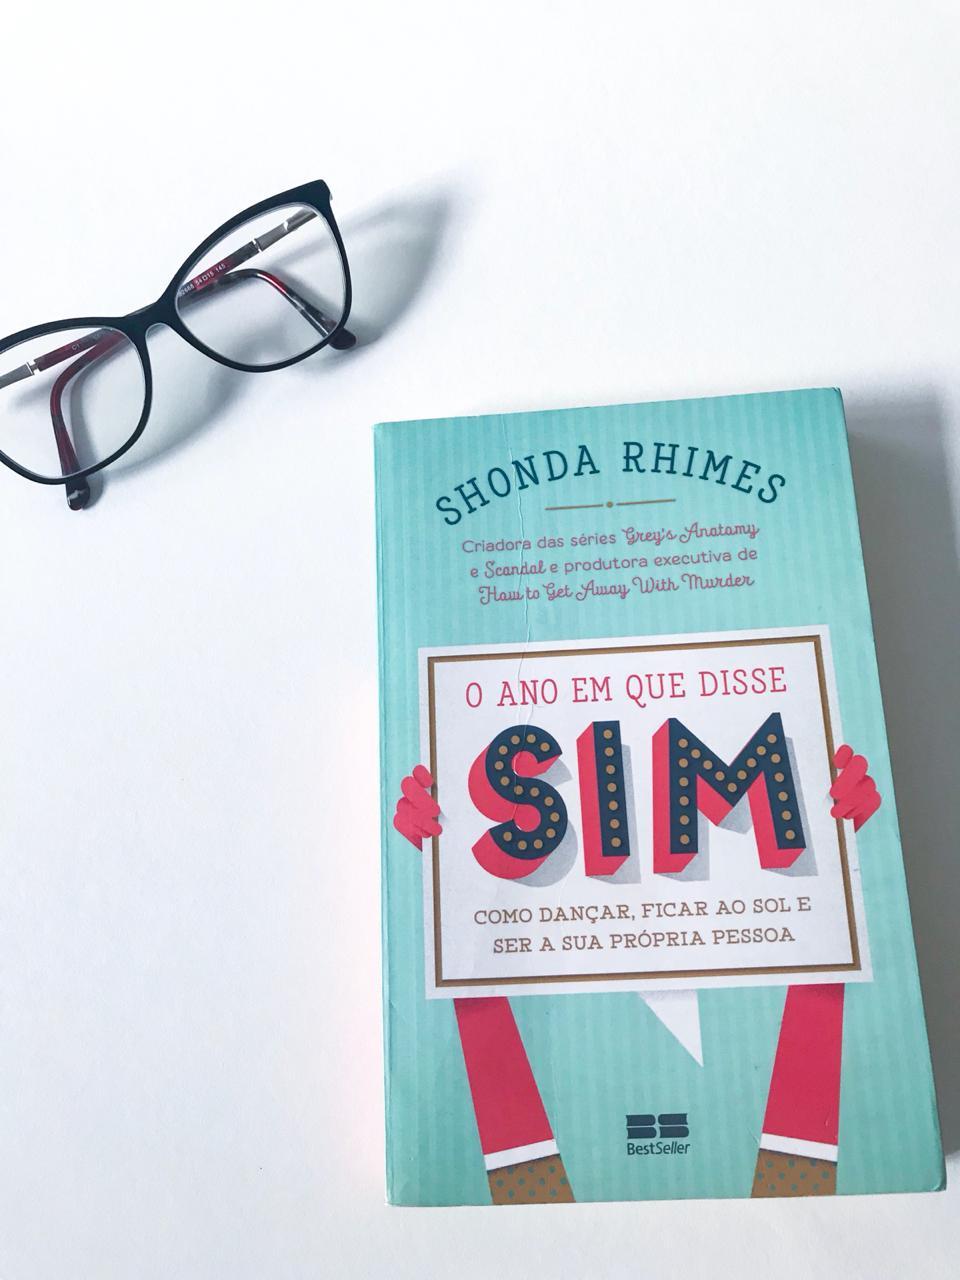 O ano em que disse sim, Shonda Rimes